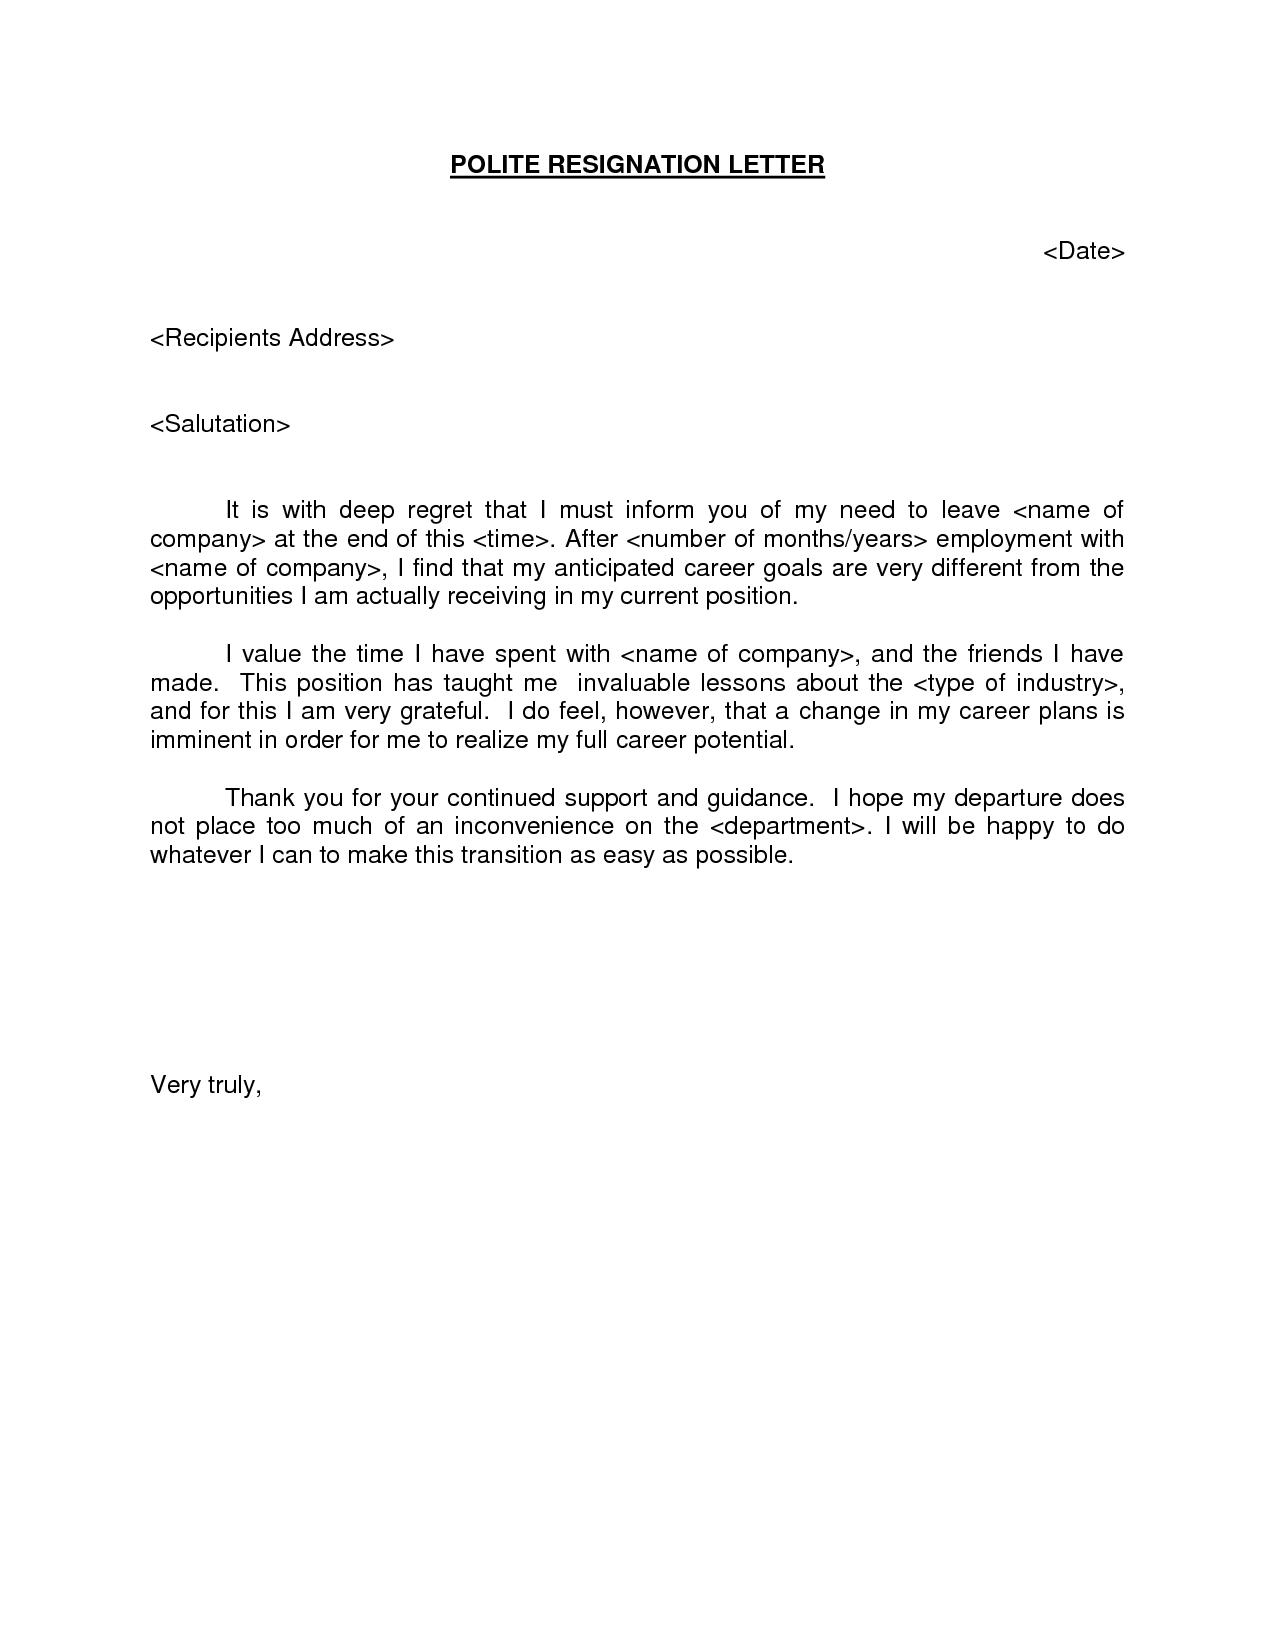 Dental Recall Letter Template - Polite Resignation Letter Bestdealformoneywriting A Letter